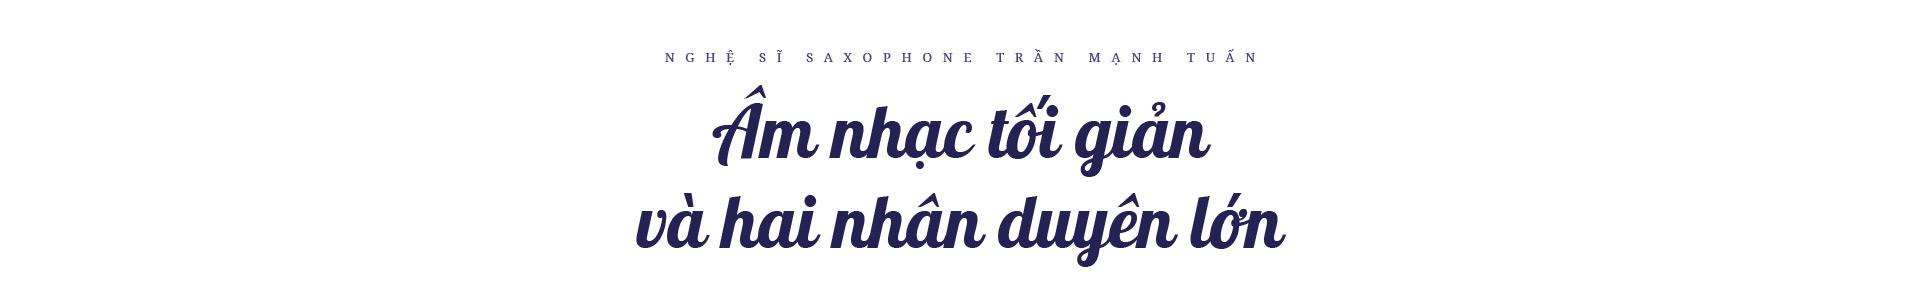 """Nghệ sĩ saxophone Trần Mạnh Tuấn: """"Diễn giữa không gian bệnh viện dã chiến là điều đặc biệt nhất trong đời"""" - Ảnh 8."""